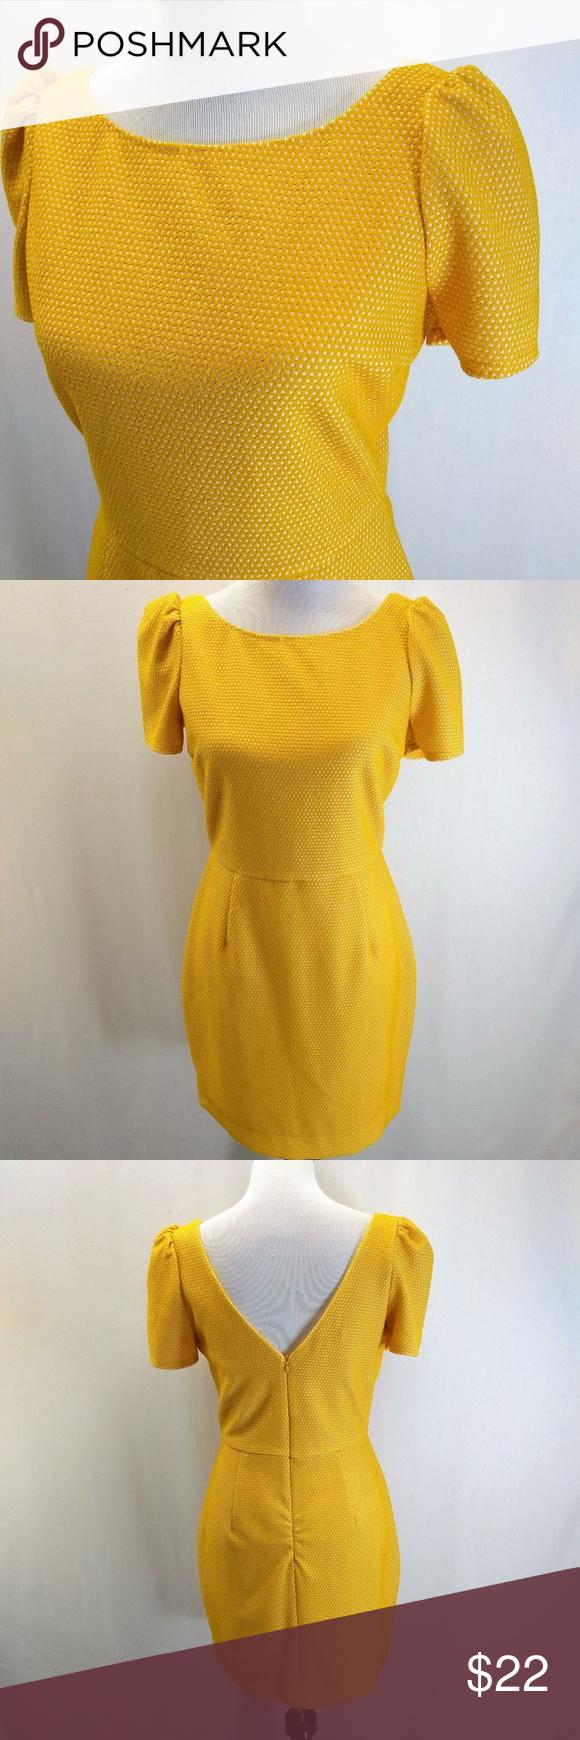 Ark Co Large Dress Yellow Beige Dot Pattern Knee Yellow Dress Large Dress Maxi Dress Green